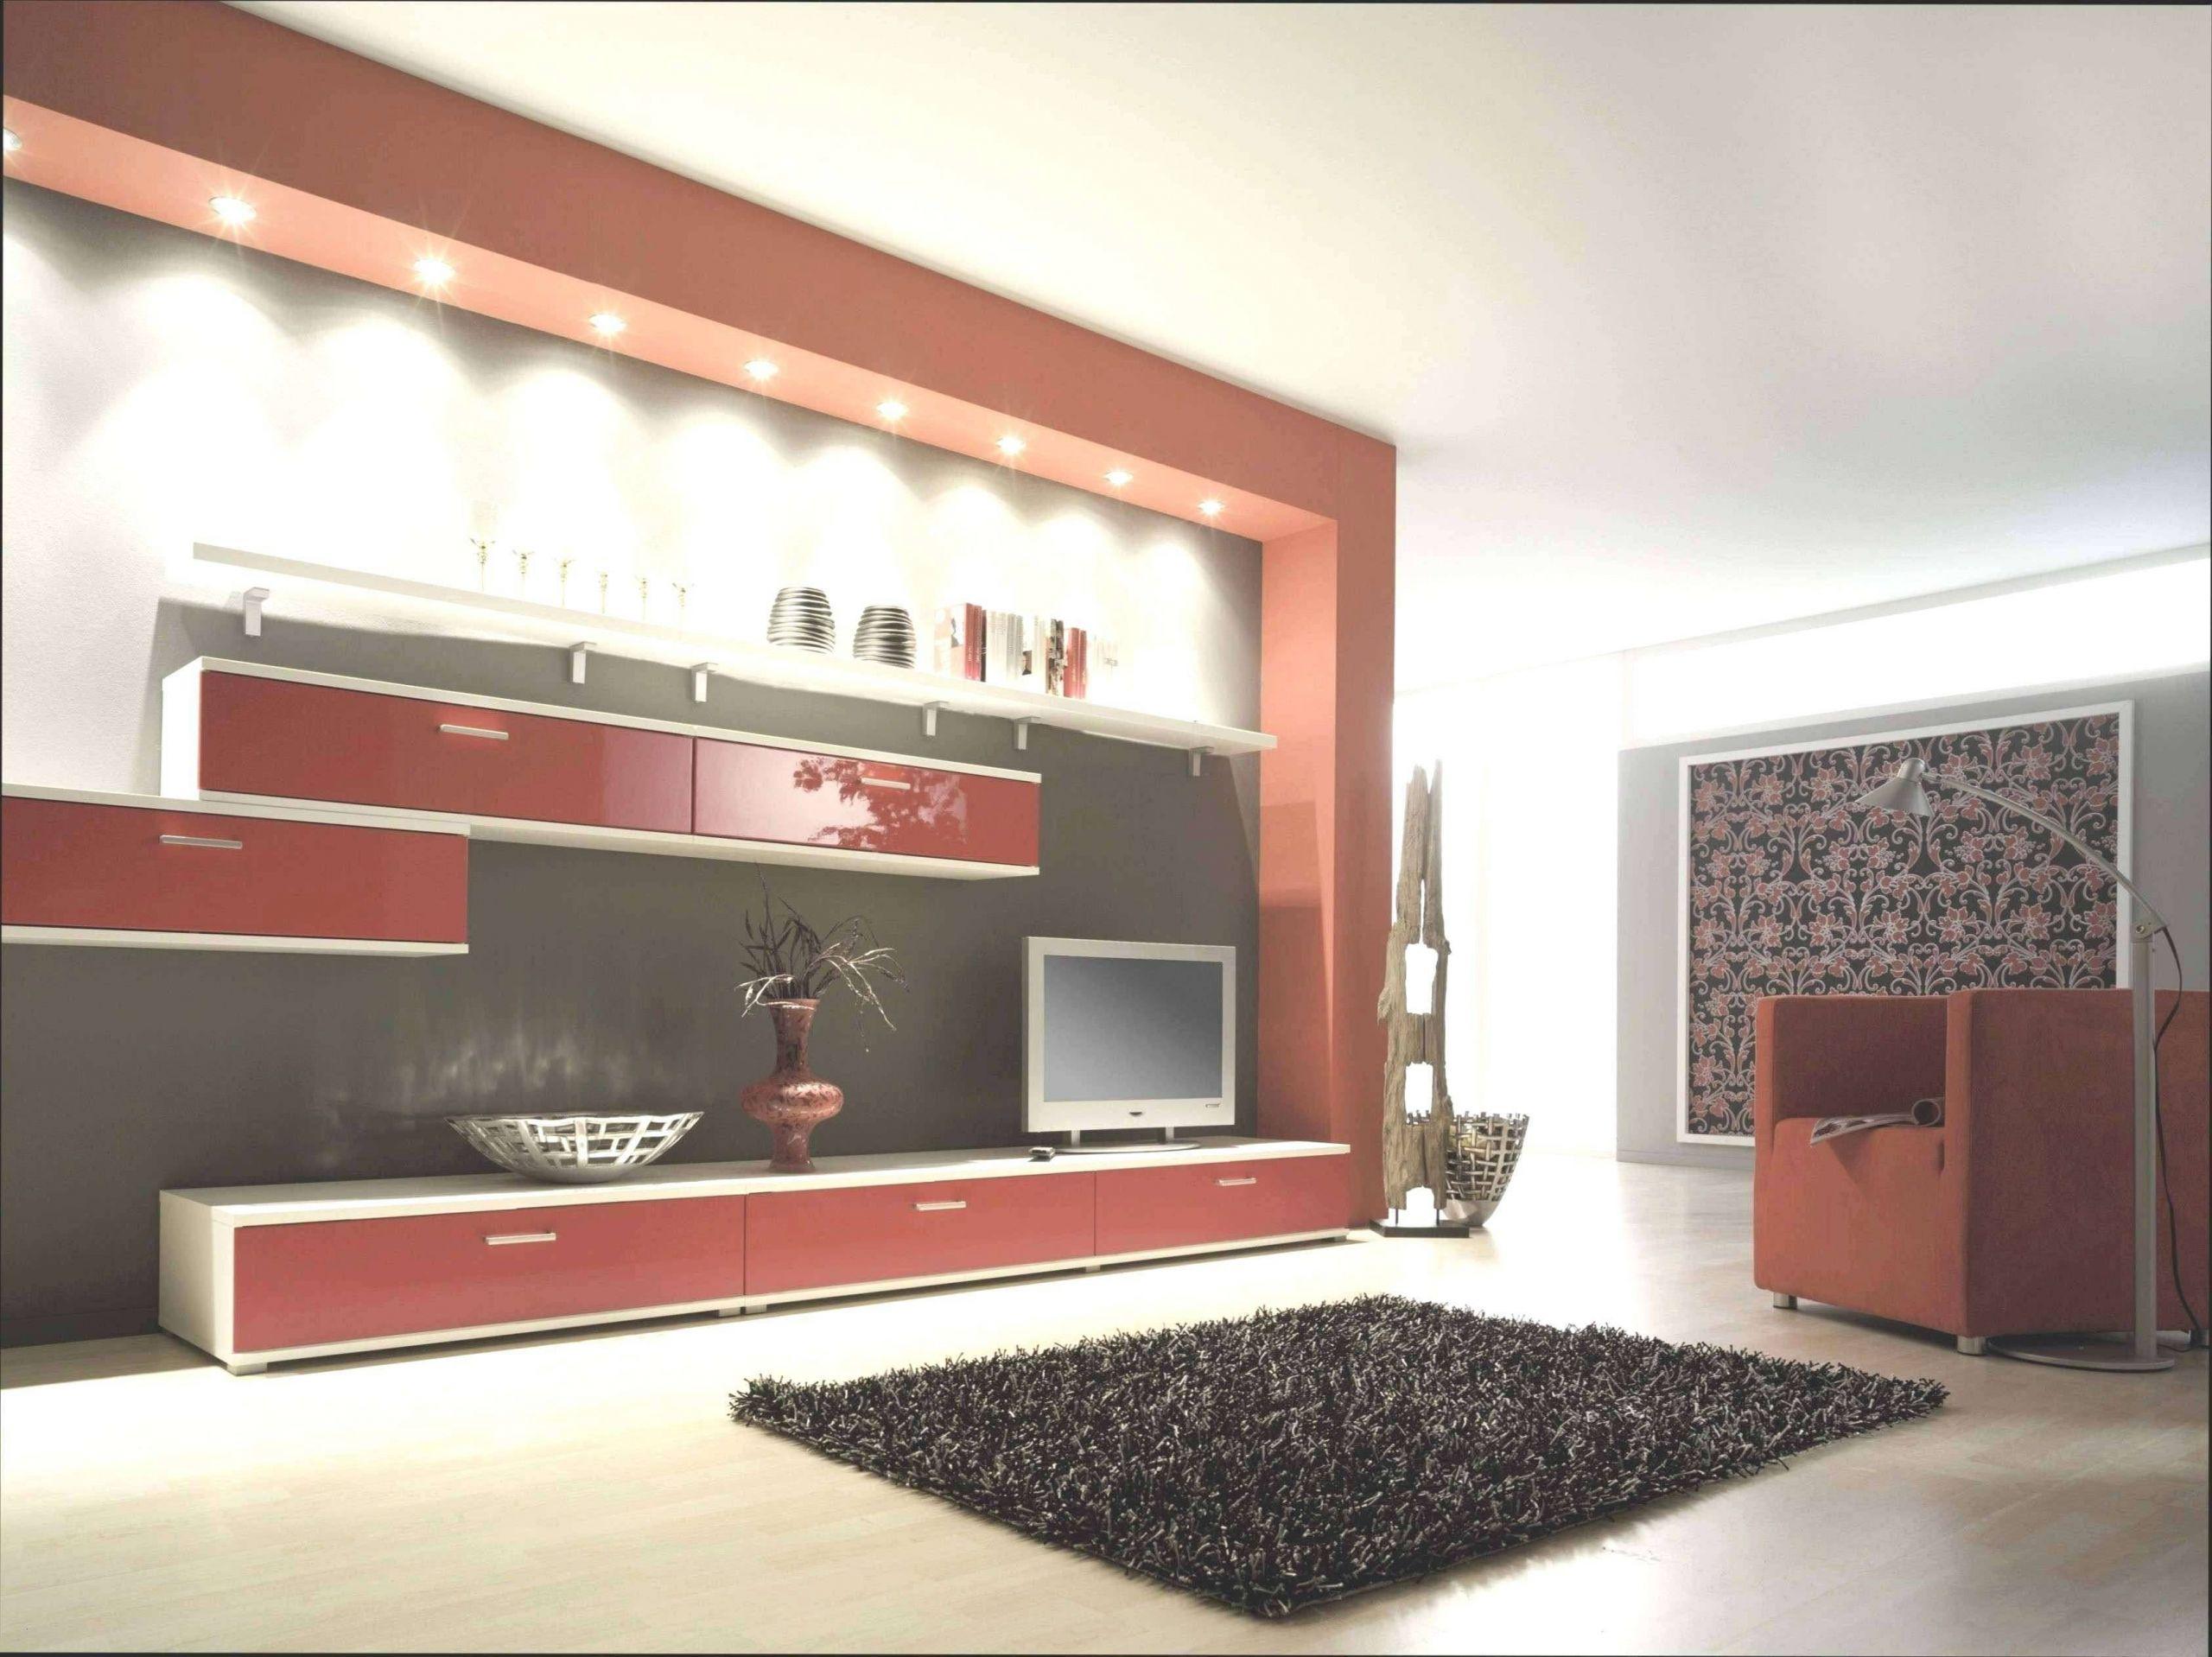 groses wohnzimmer modern einrichten beautiful 42 frisch baume fur den garten bild of groses wohnzimmer modern einrichten